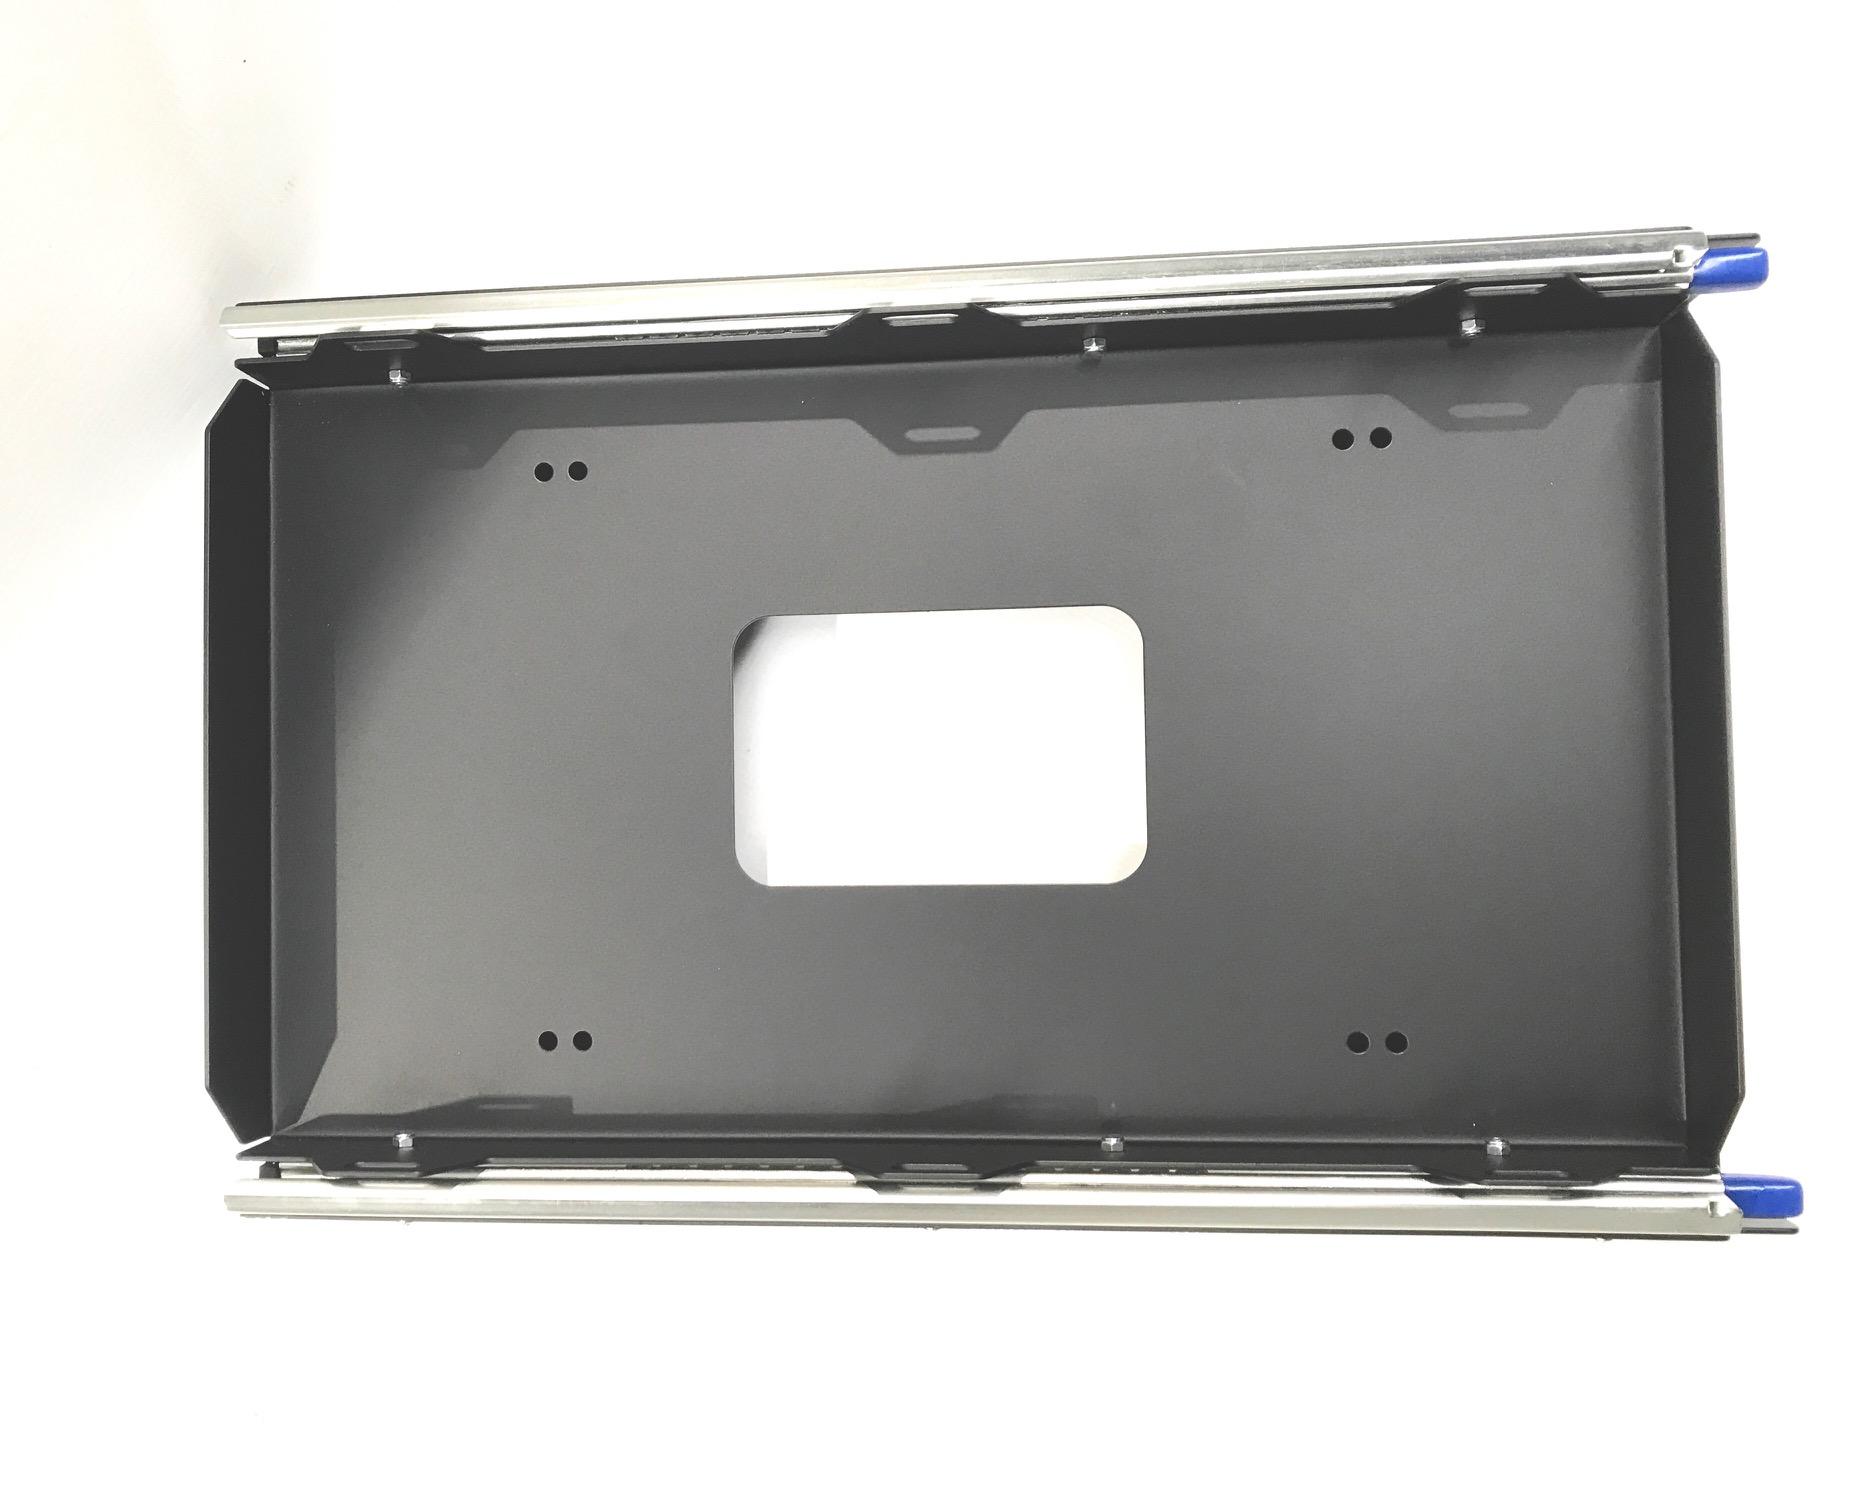 Generator Slide 2020 model- suits Honda EU20i and EU22i (Suits Thetford  caravan hatch)